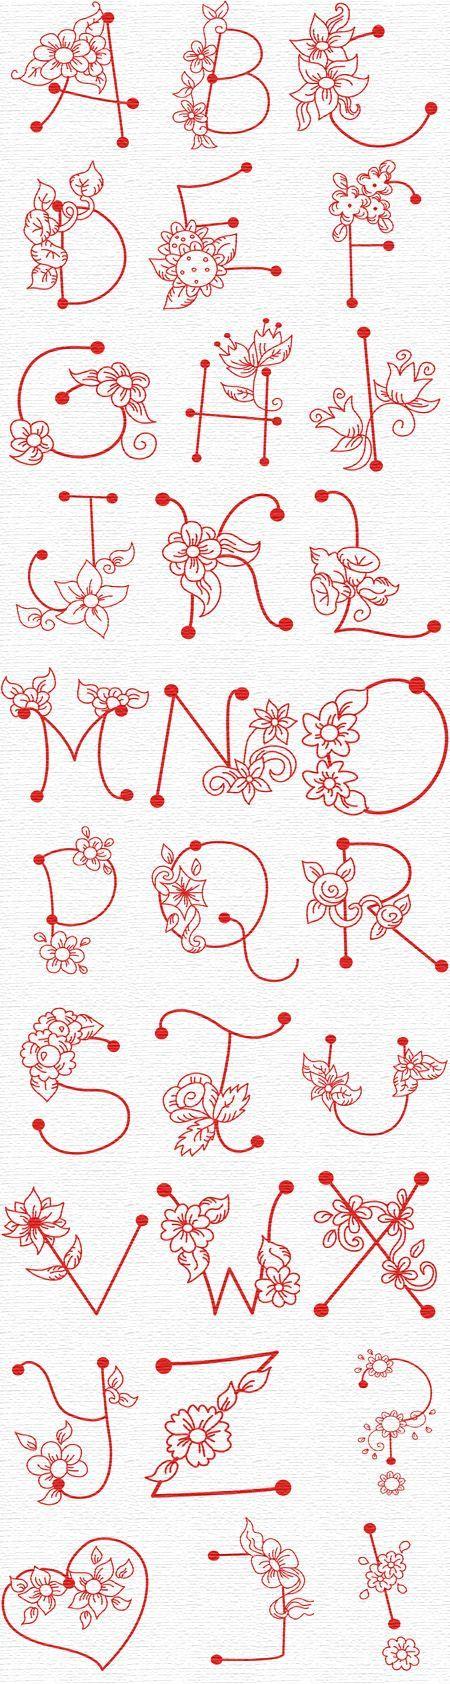 flower letters for art journal